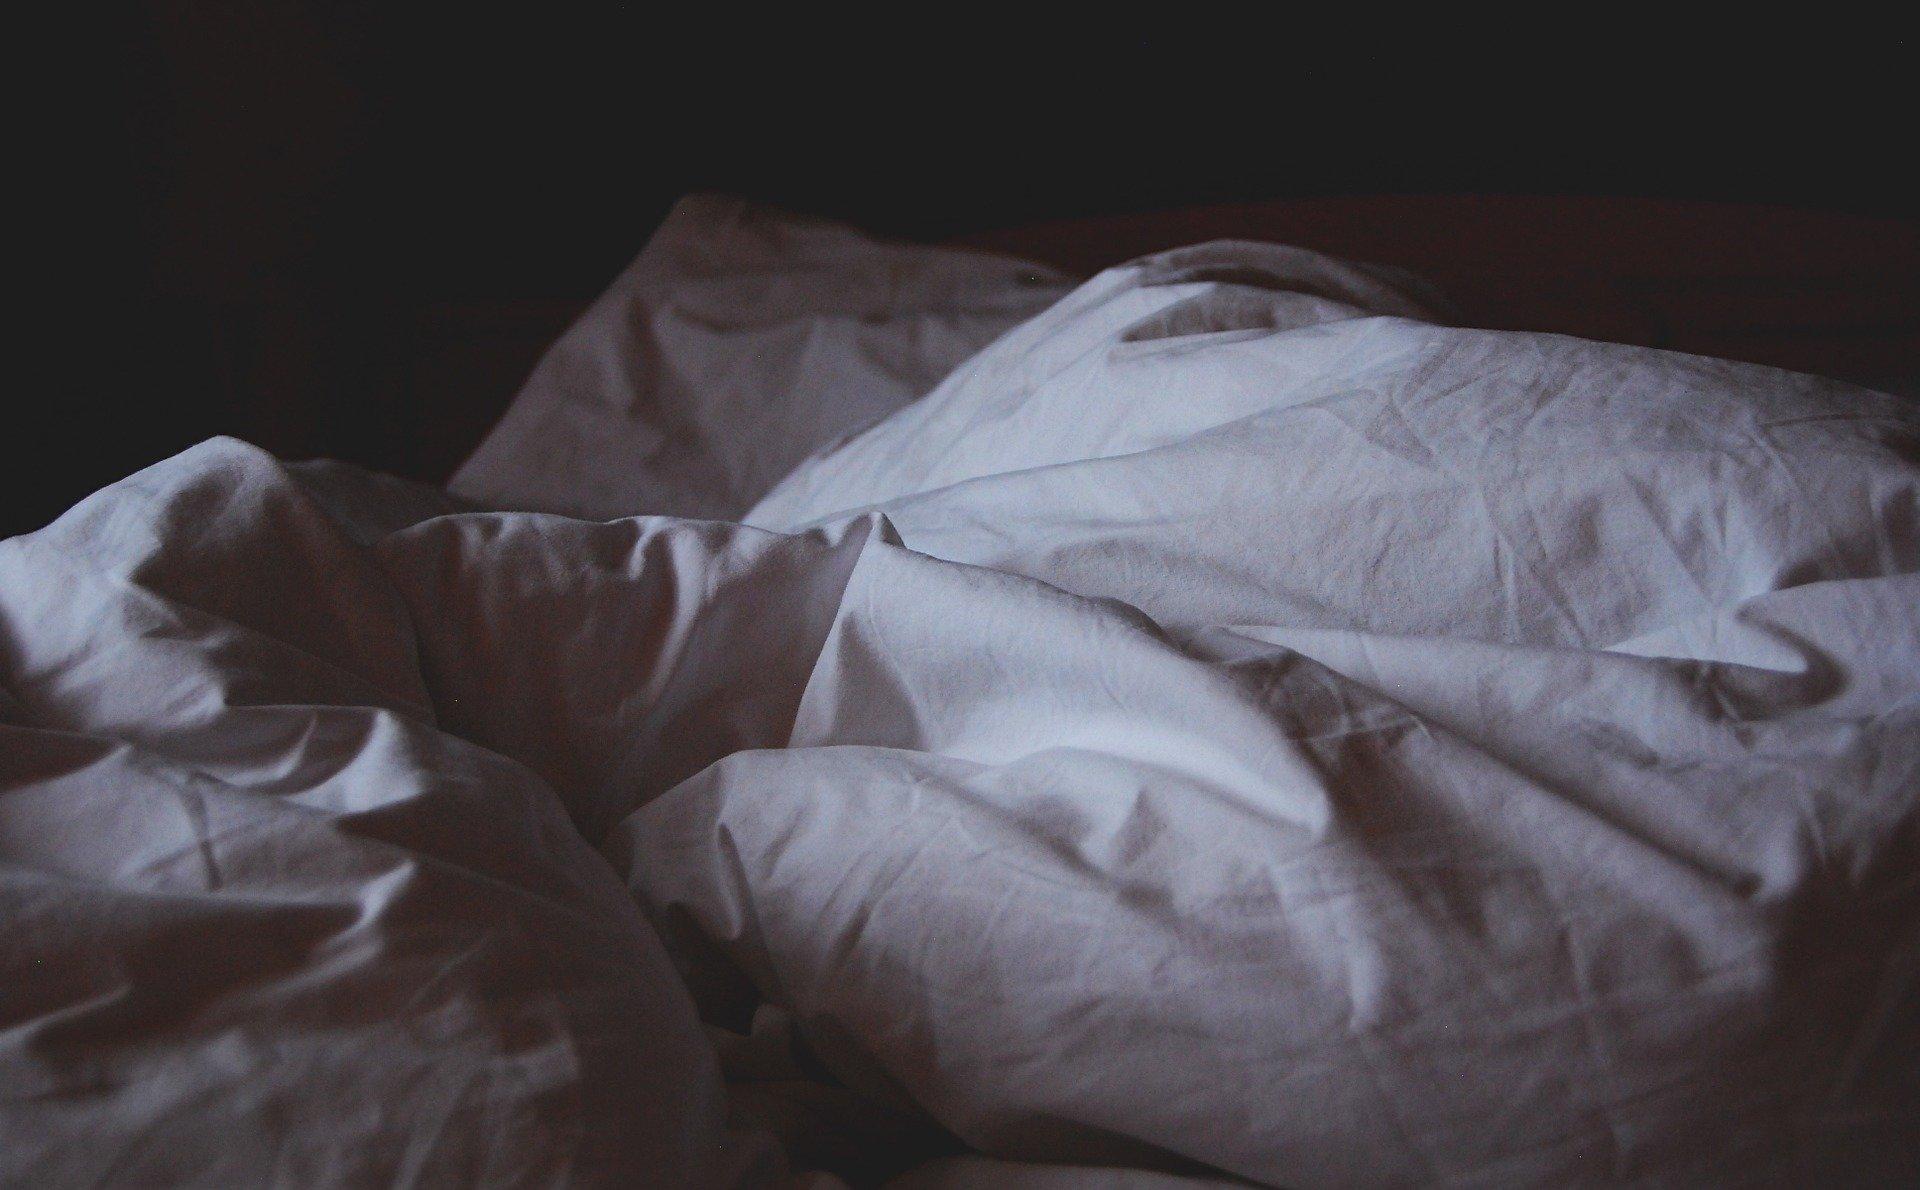 コルセット とき 寝る 骨折 圧迫